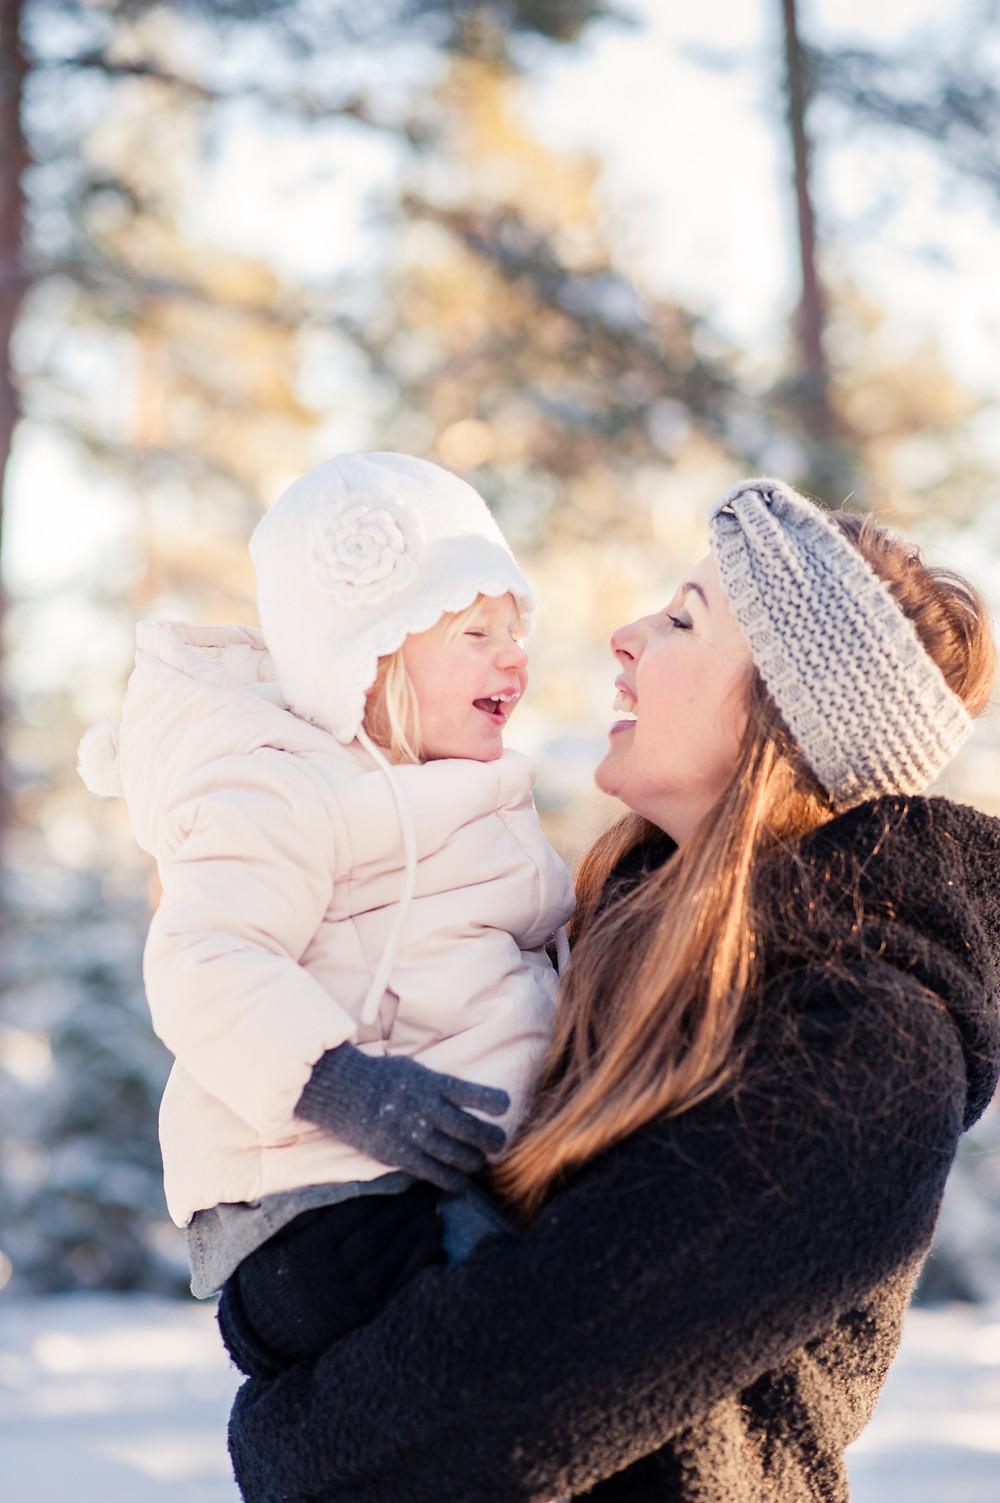 Mamma och dotter busar på vintern